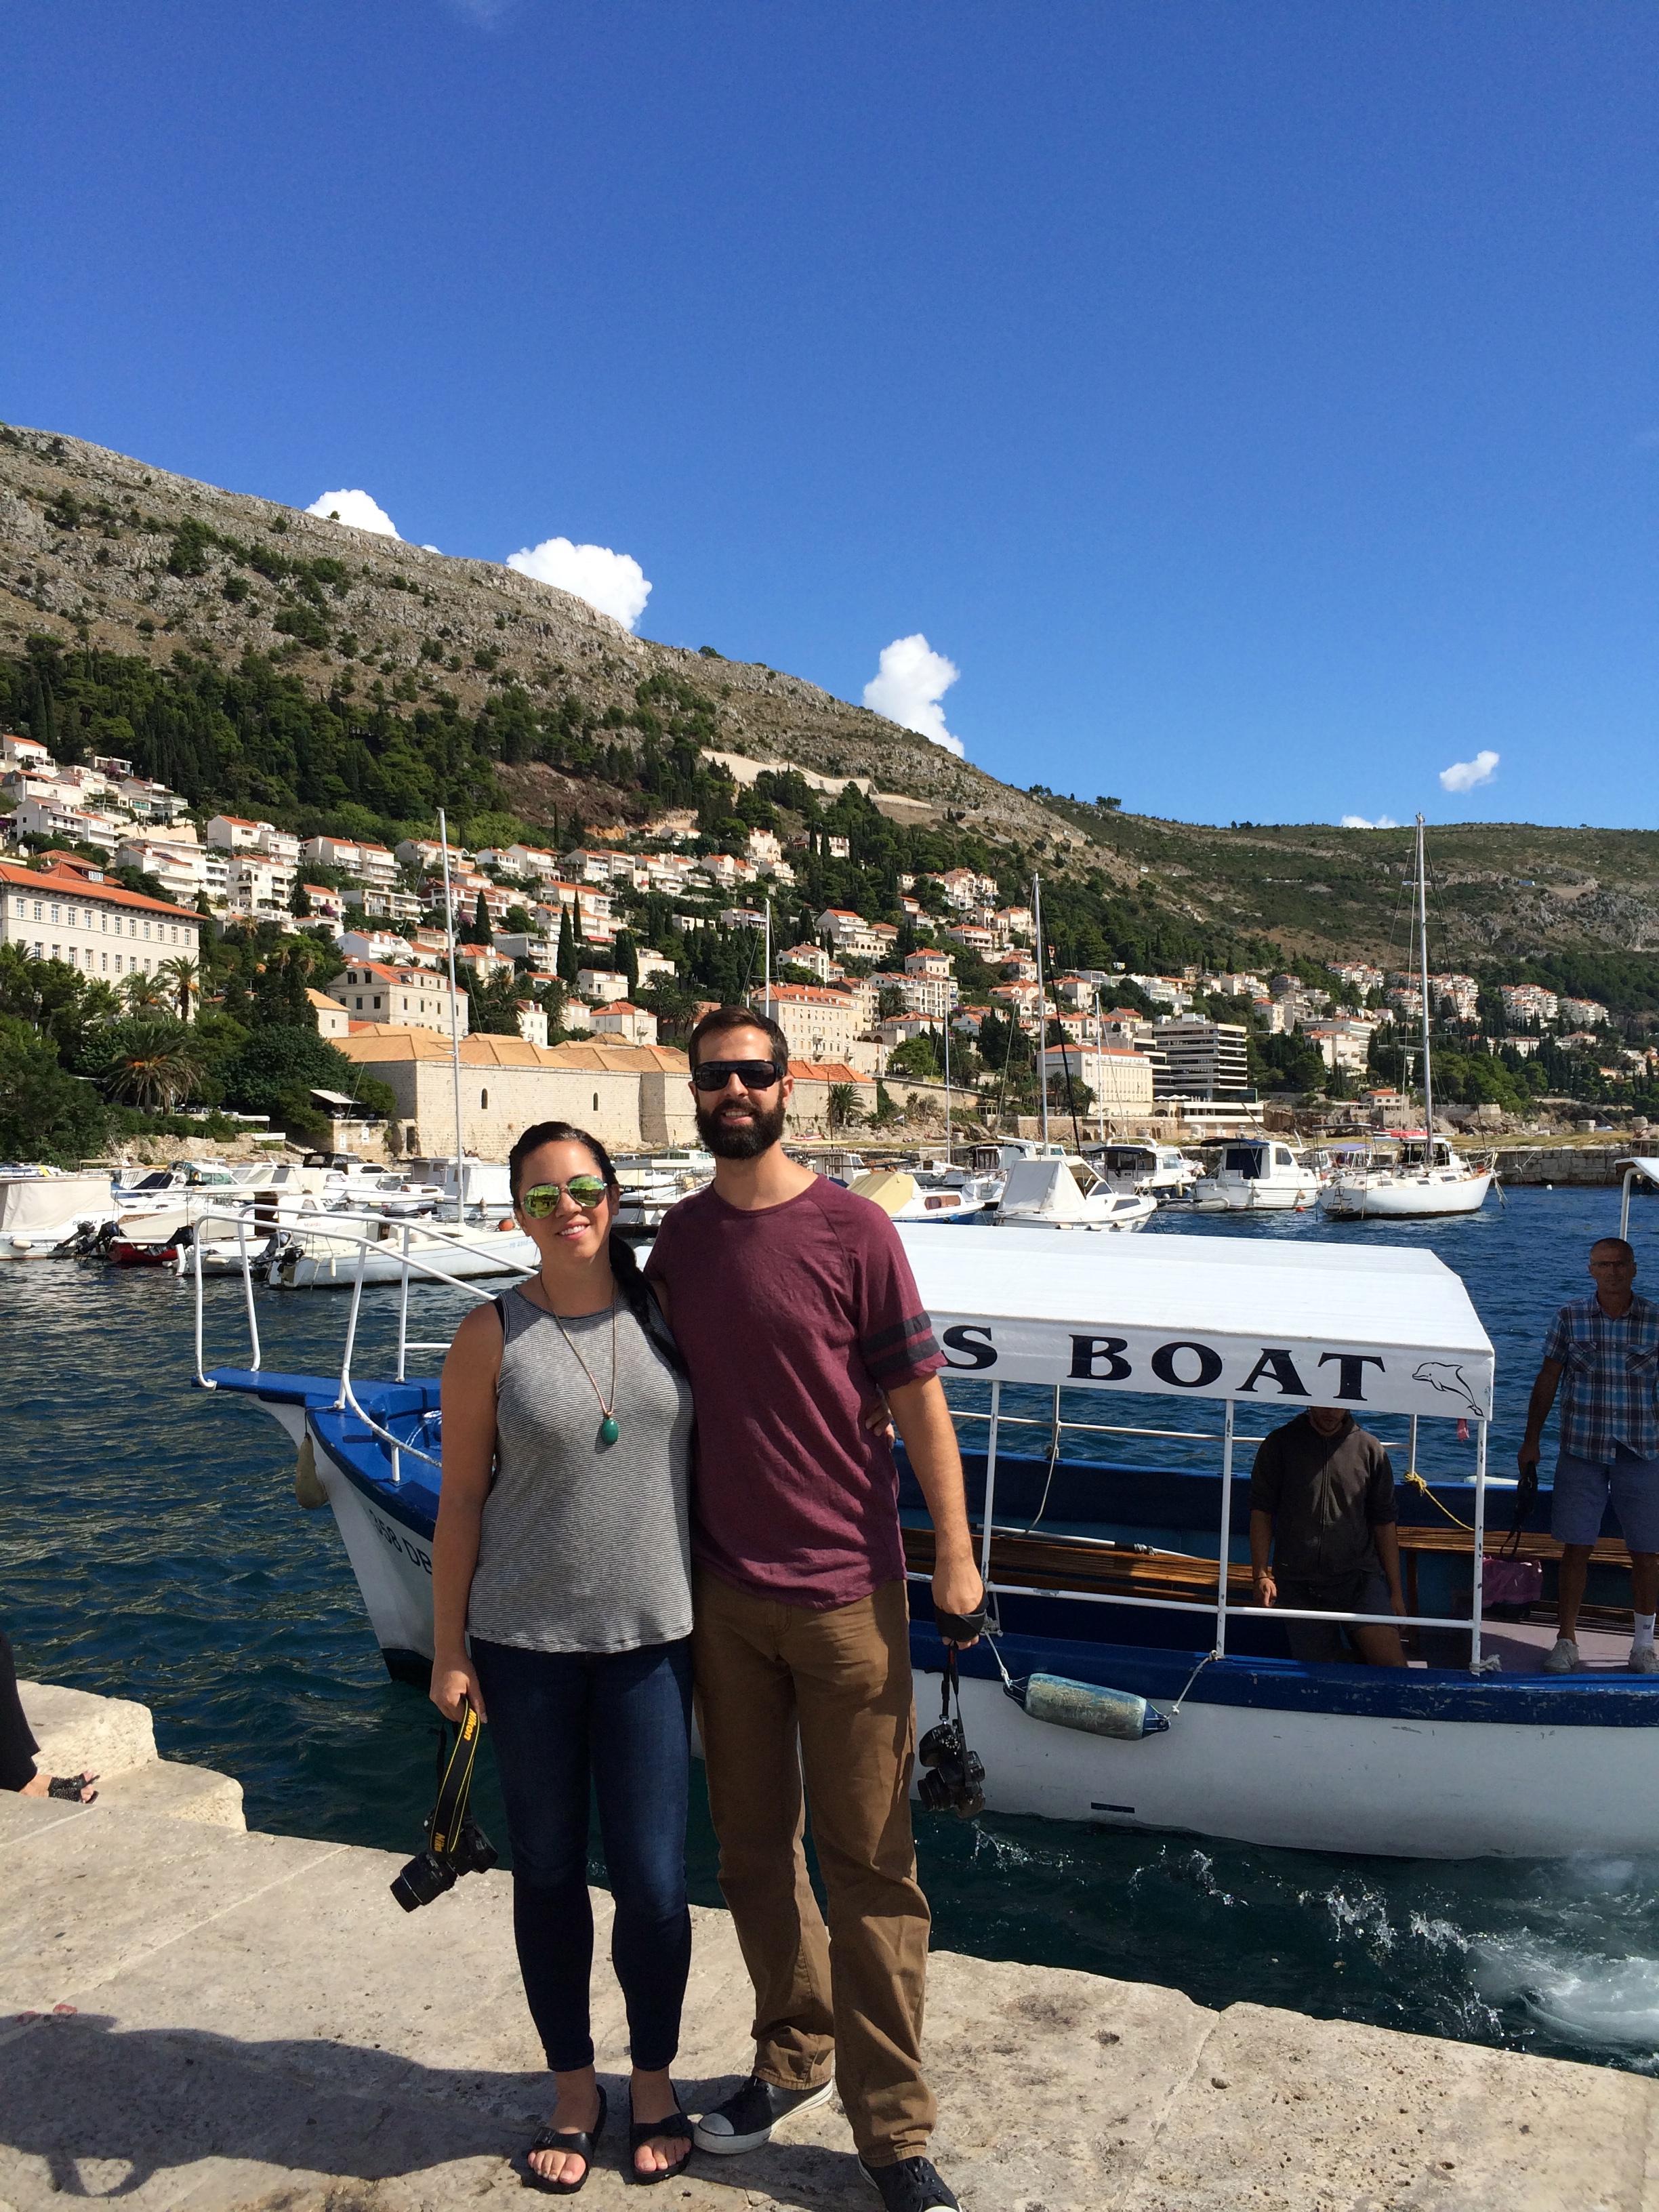 Dubrovnik harbor, Croatia - cultivatedrambler.com